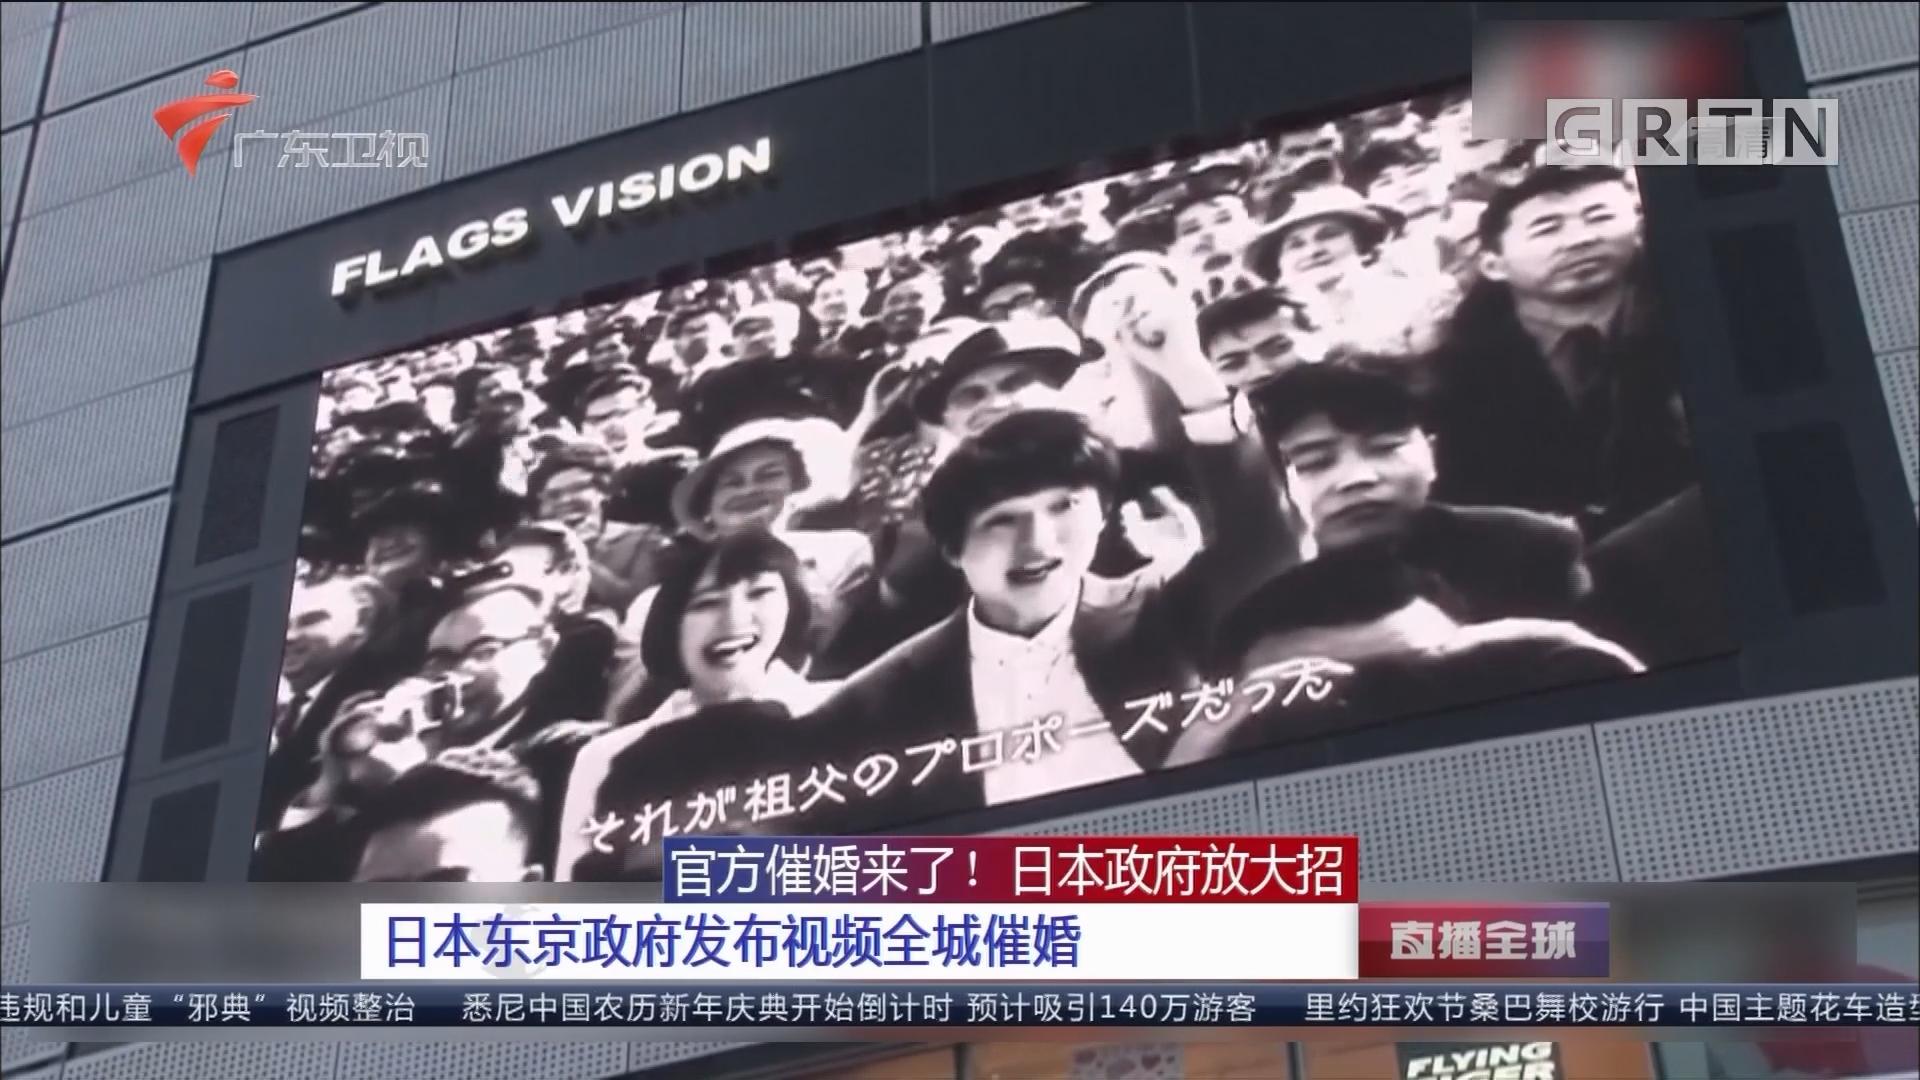 官方催婚来了! 日本政府放大招 日本东京政府发布视频全城催婚